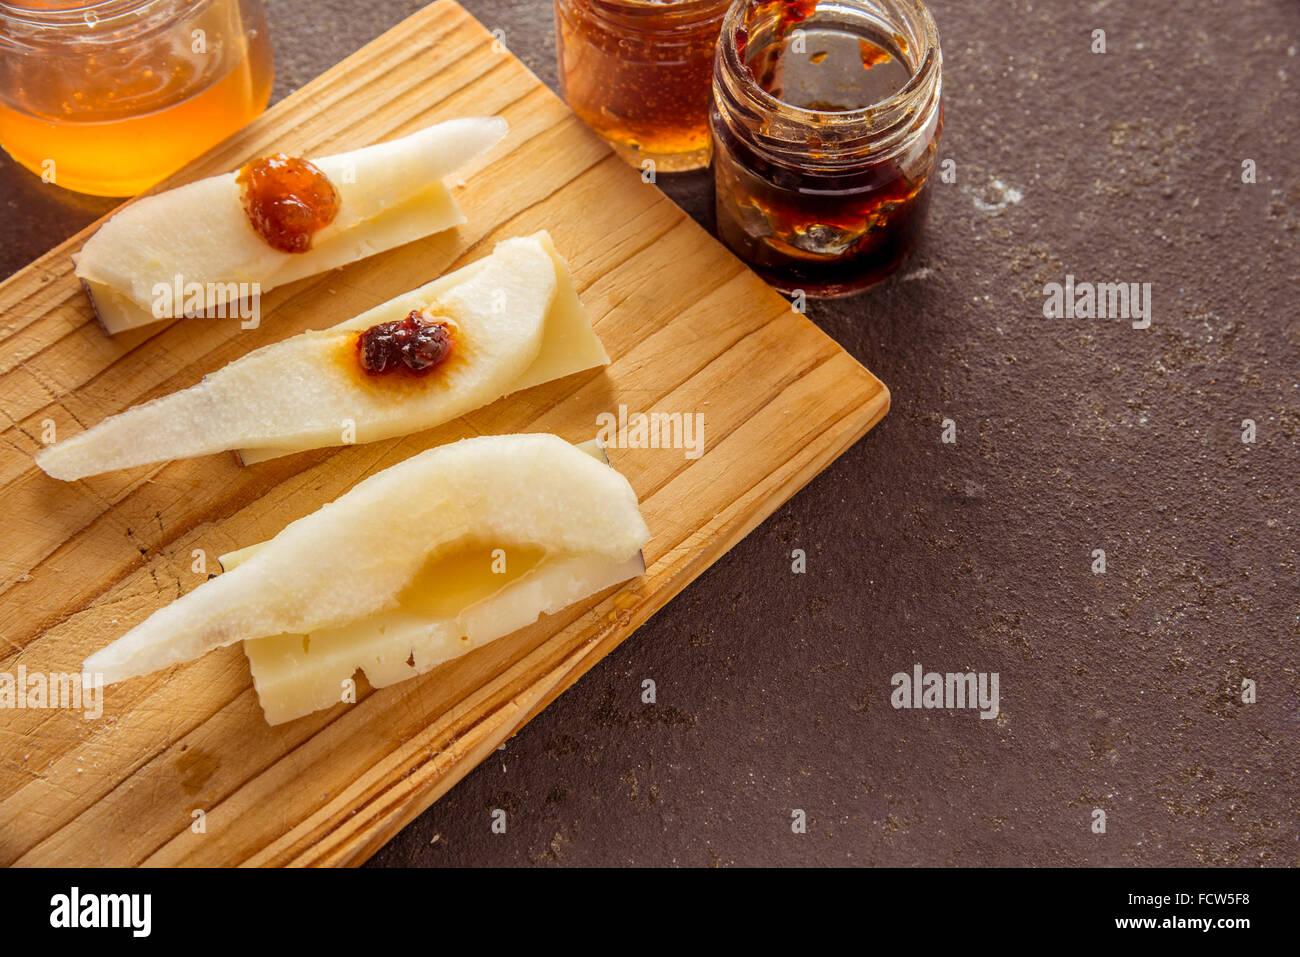 Una composizione di formaggi italiani pecorino fette con marmellate e pere su un tagliere di legno Immagini Stock